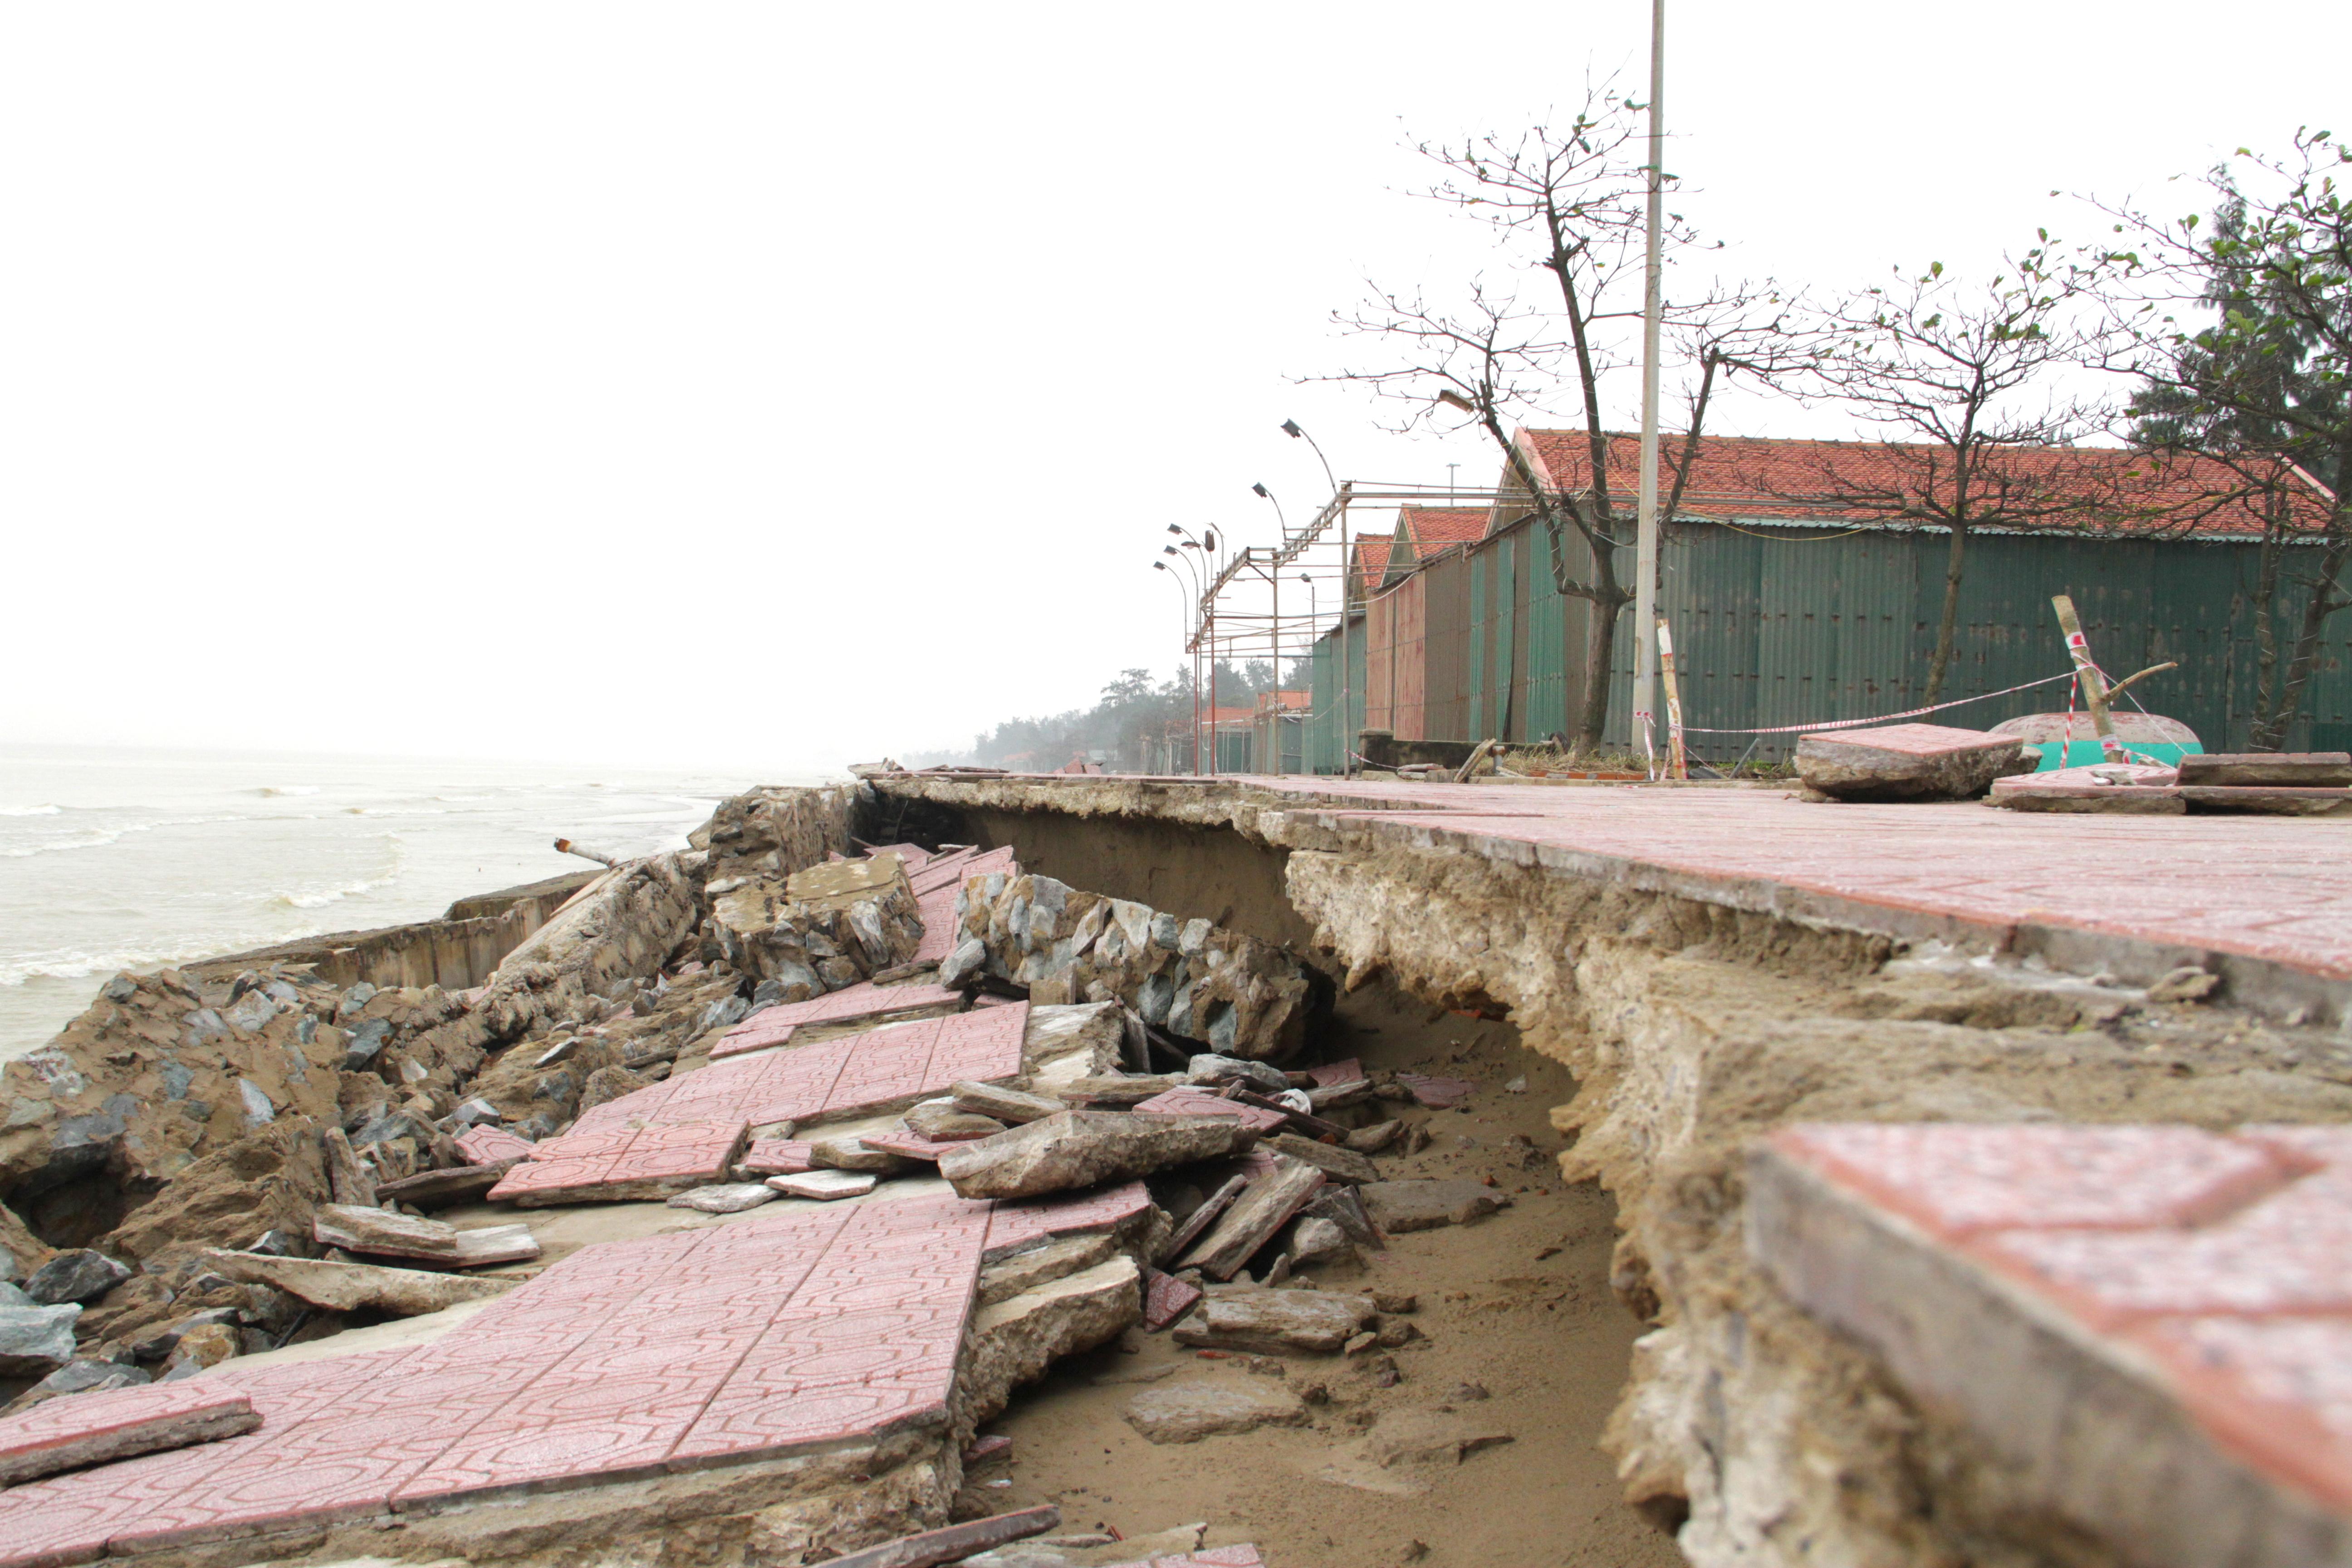 Cận cảnh gần 4km tuyến kè, đê biển Cửa Lò tan hoang sau bão lũ, hàng quán điêu đứng - Ảnh 19.